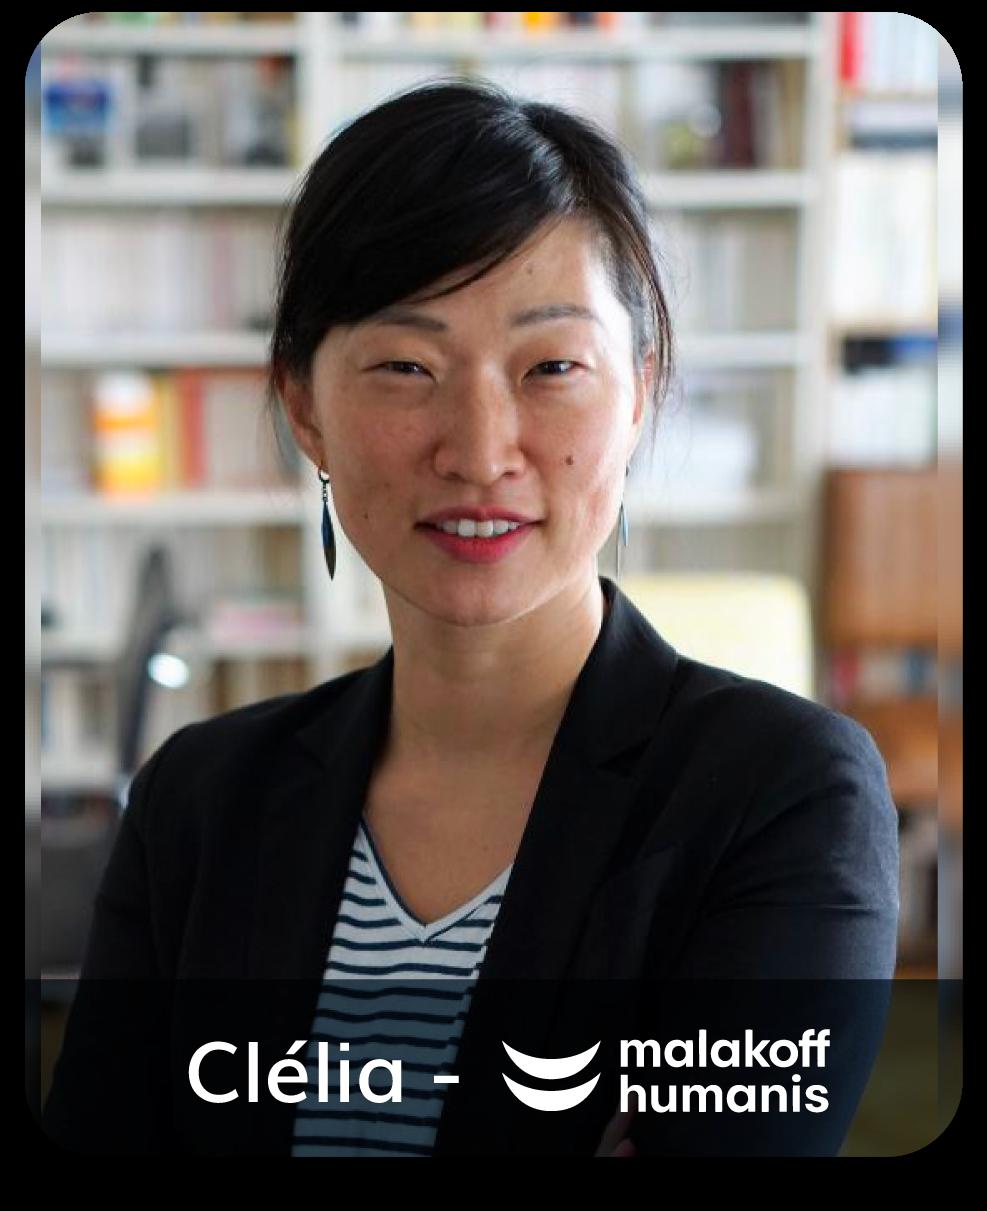 Clélia Malakoff Médéric positive leader